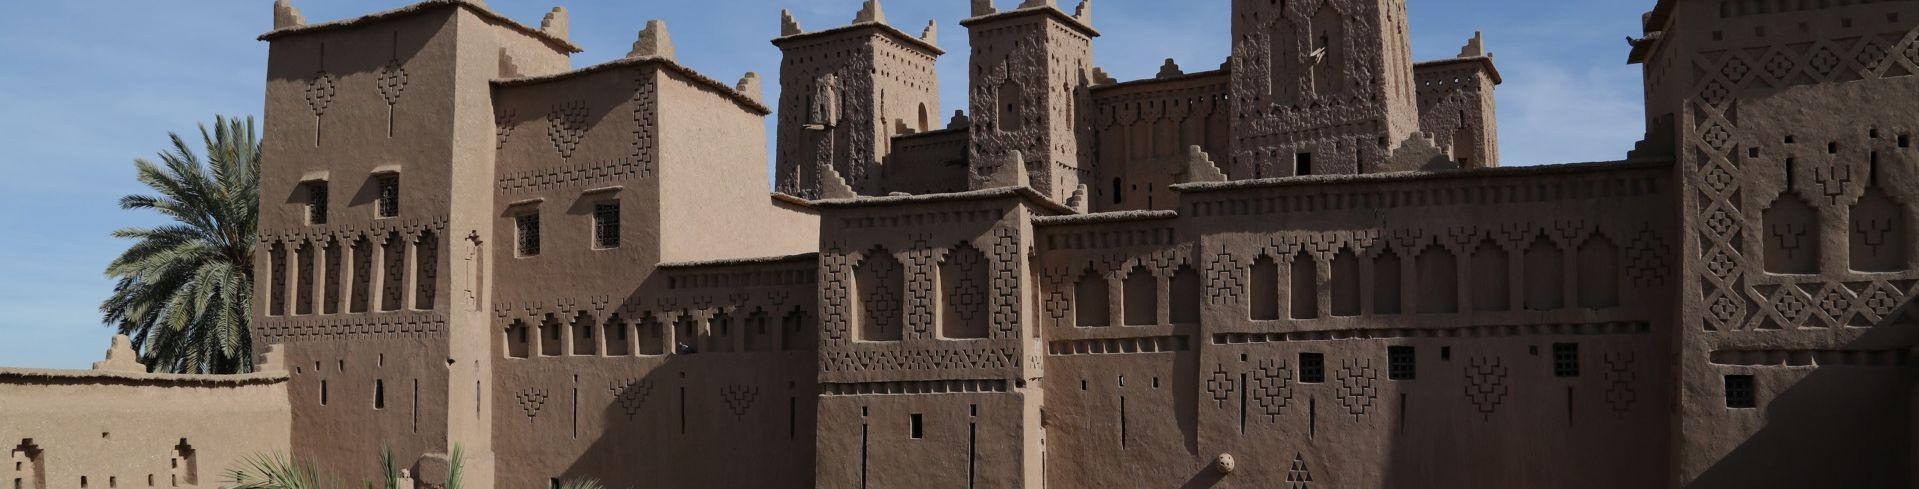 טיול למרוקו בפסטיבל האירוסין באימילשיל